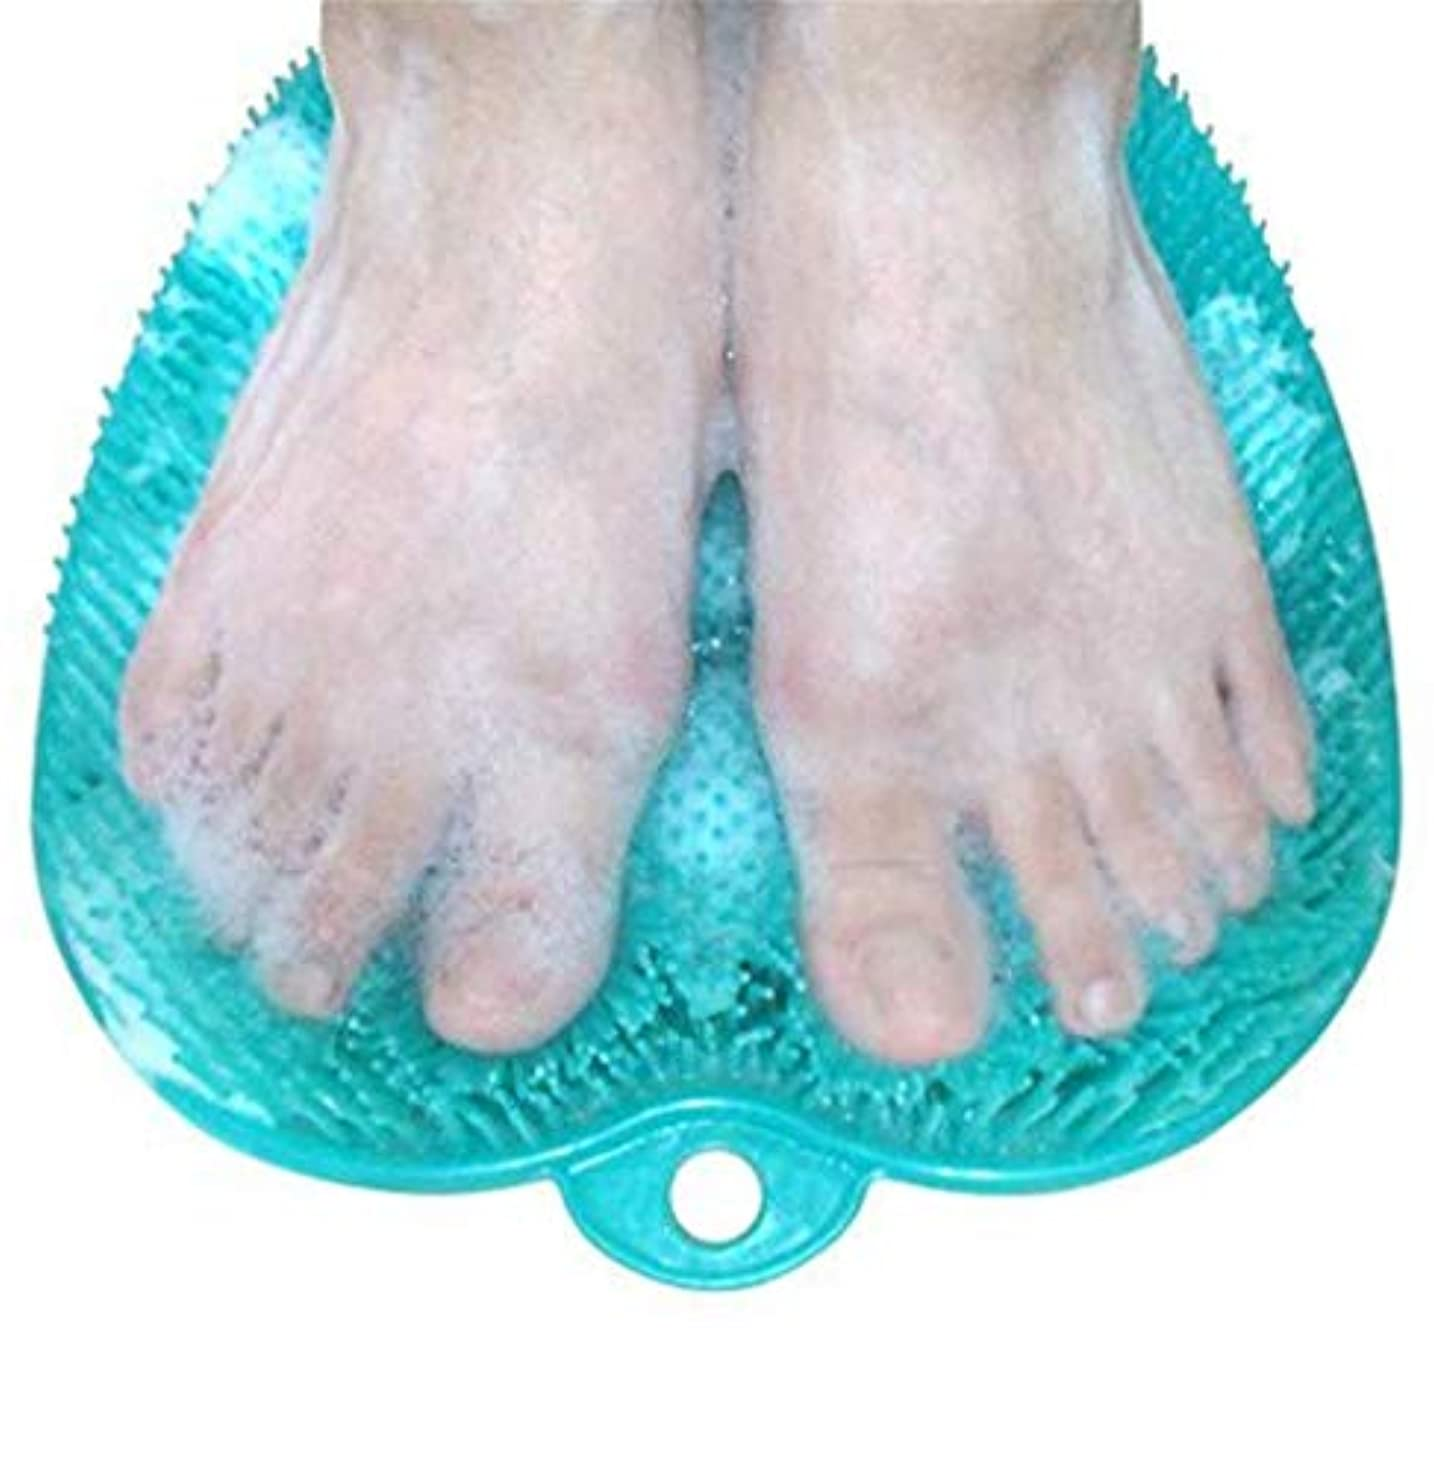 テンポウォルターカニンガム手入れ滑り止めの吸引のコップが付いているNewthinkingのフィートのスクラバーの洗剤のマッサージャーのマッサージャーのブラシおよびフットケアのための柔らかい足の指圧のマッサージのマット